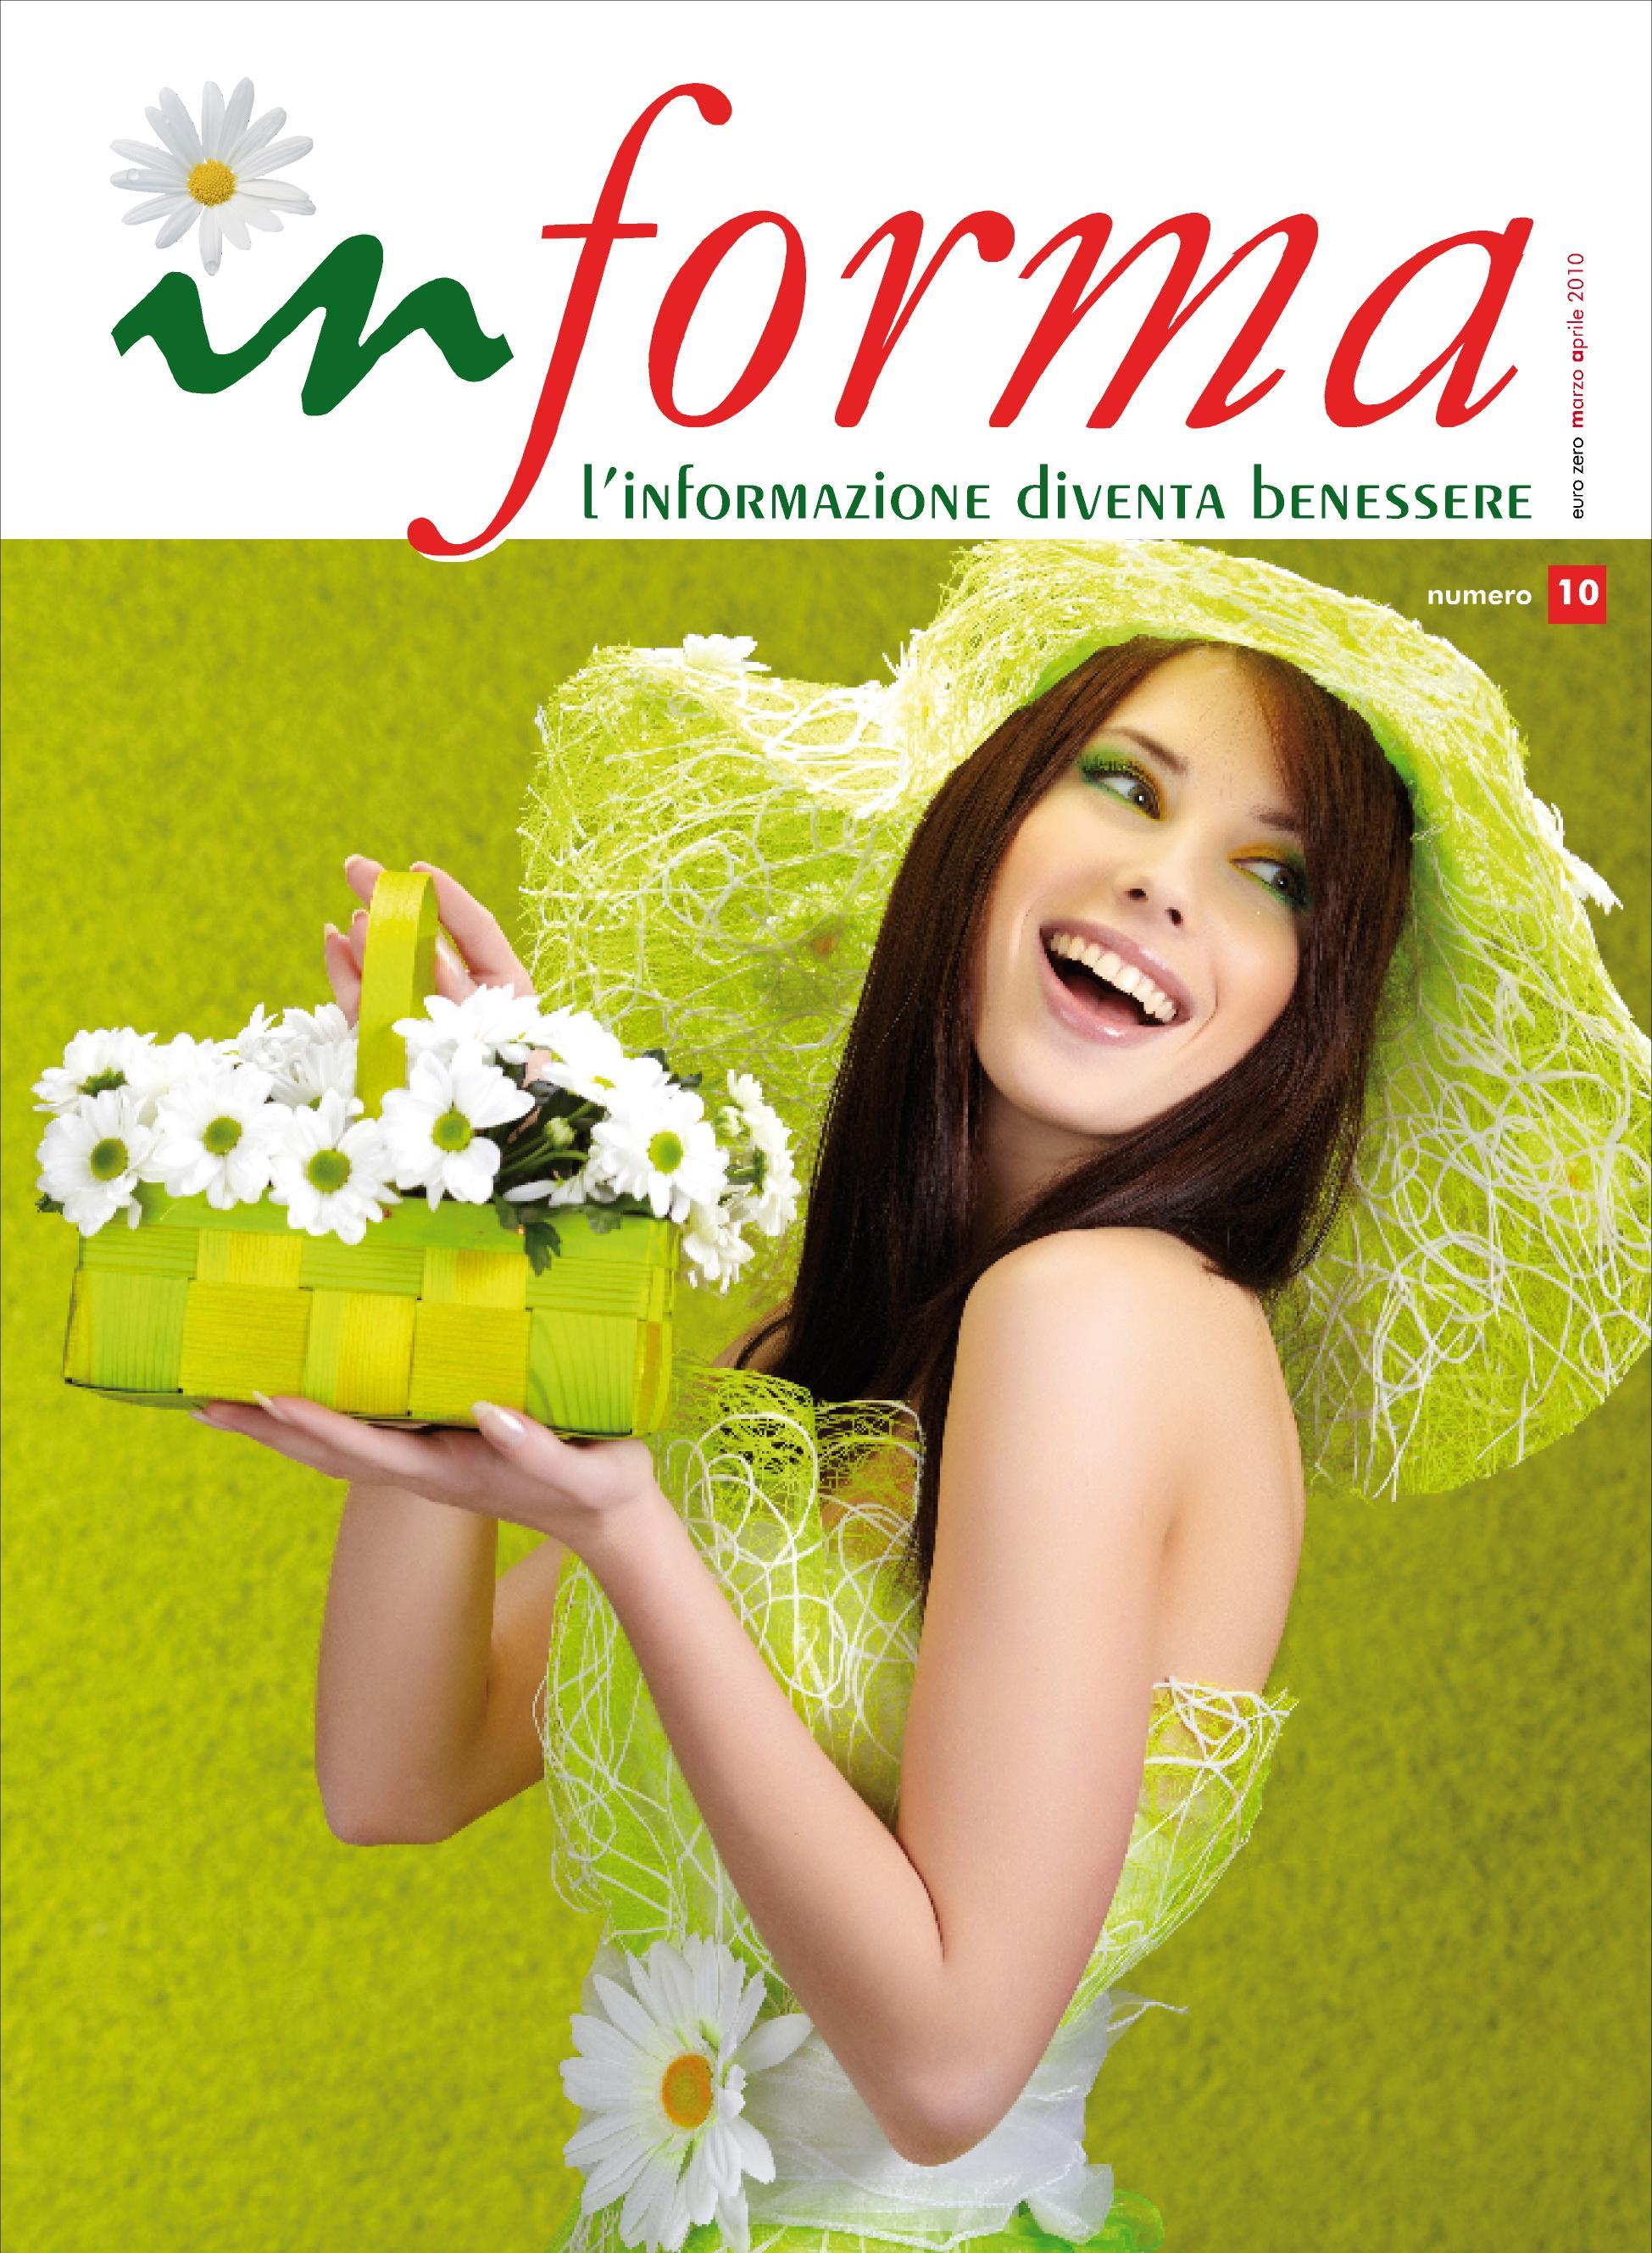 La copertina rappresenta  una ragazza sorridente dai capelli scuri con un grande cappello su uno sfondo verde che porta in mano un cesto con delle margherita